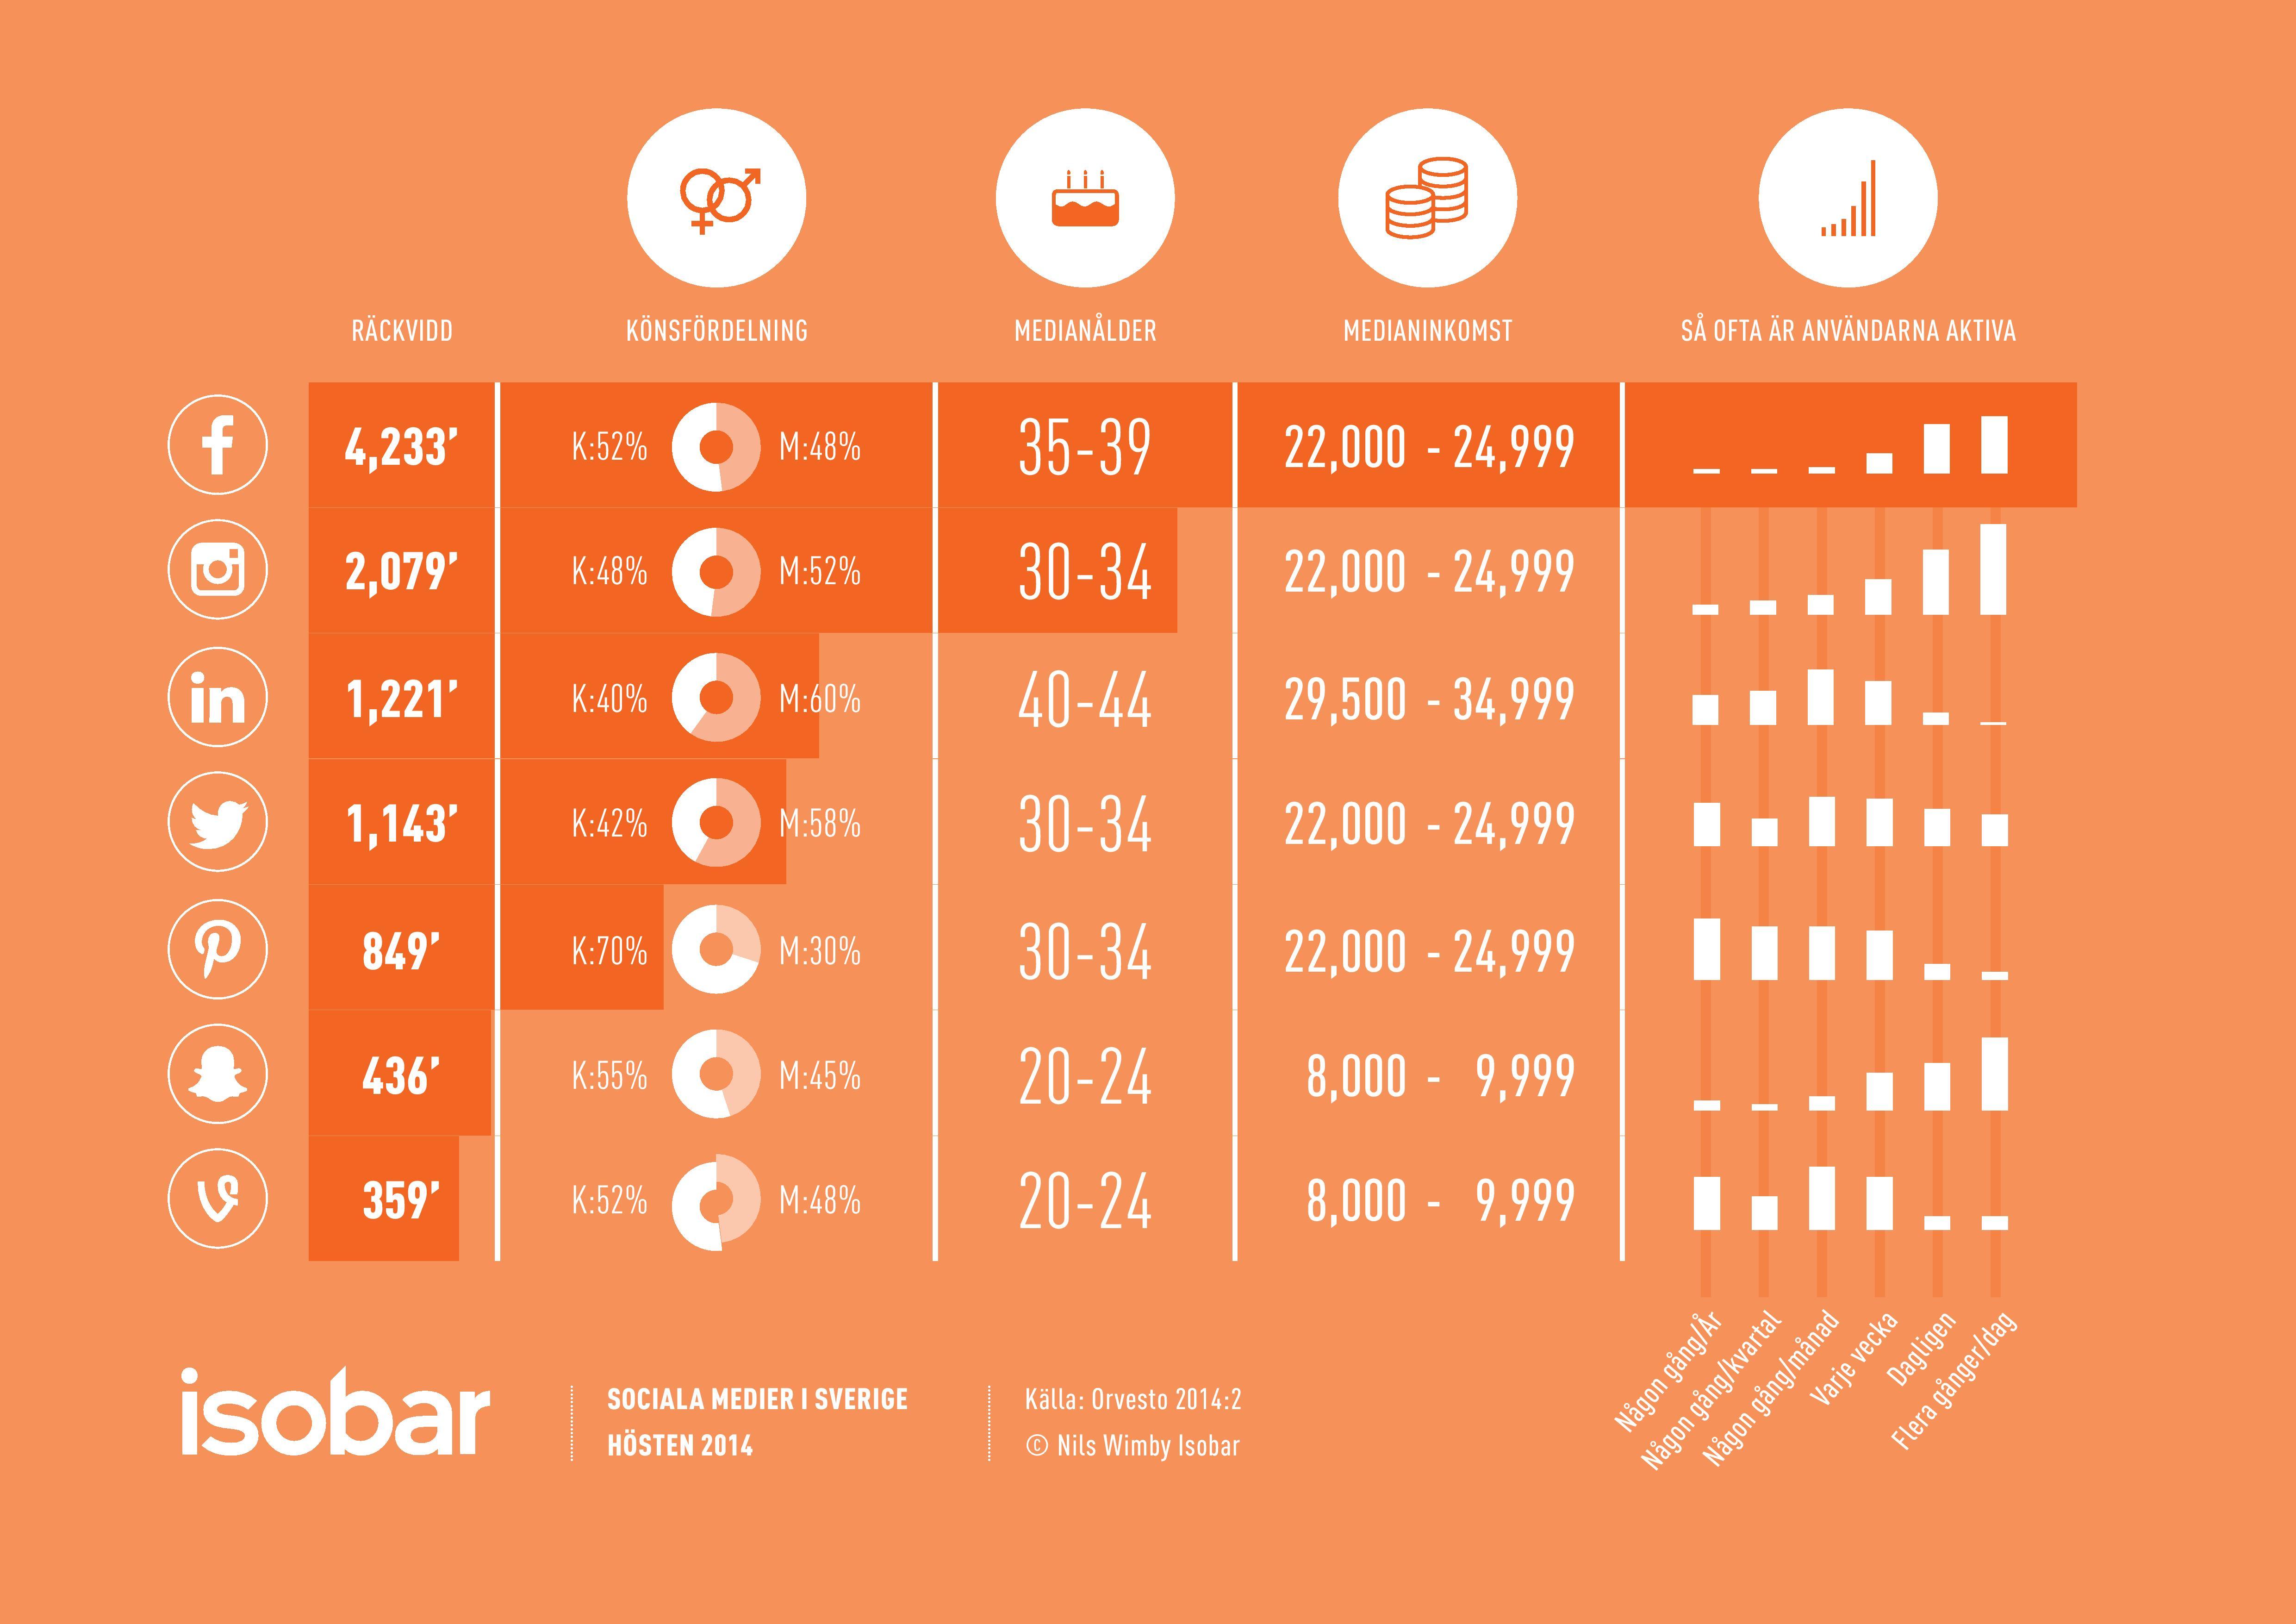 Social medier i Sverige hösten 2014 – räckvidd, inkomstnivå, könsfördelning besöksfrekvens via Orvesto